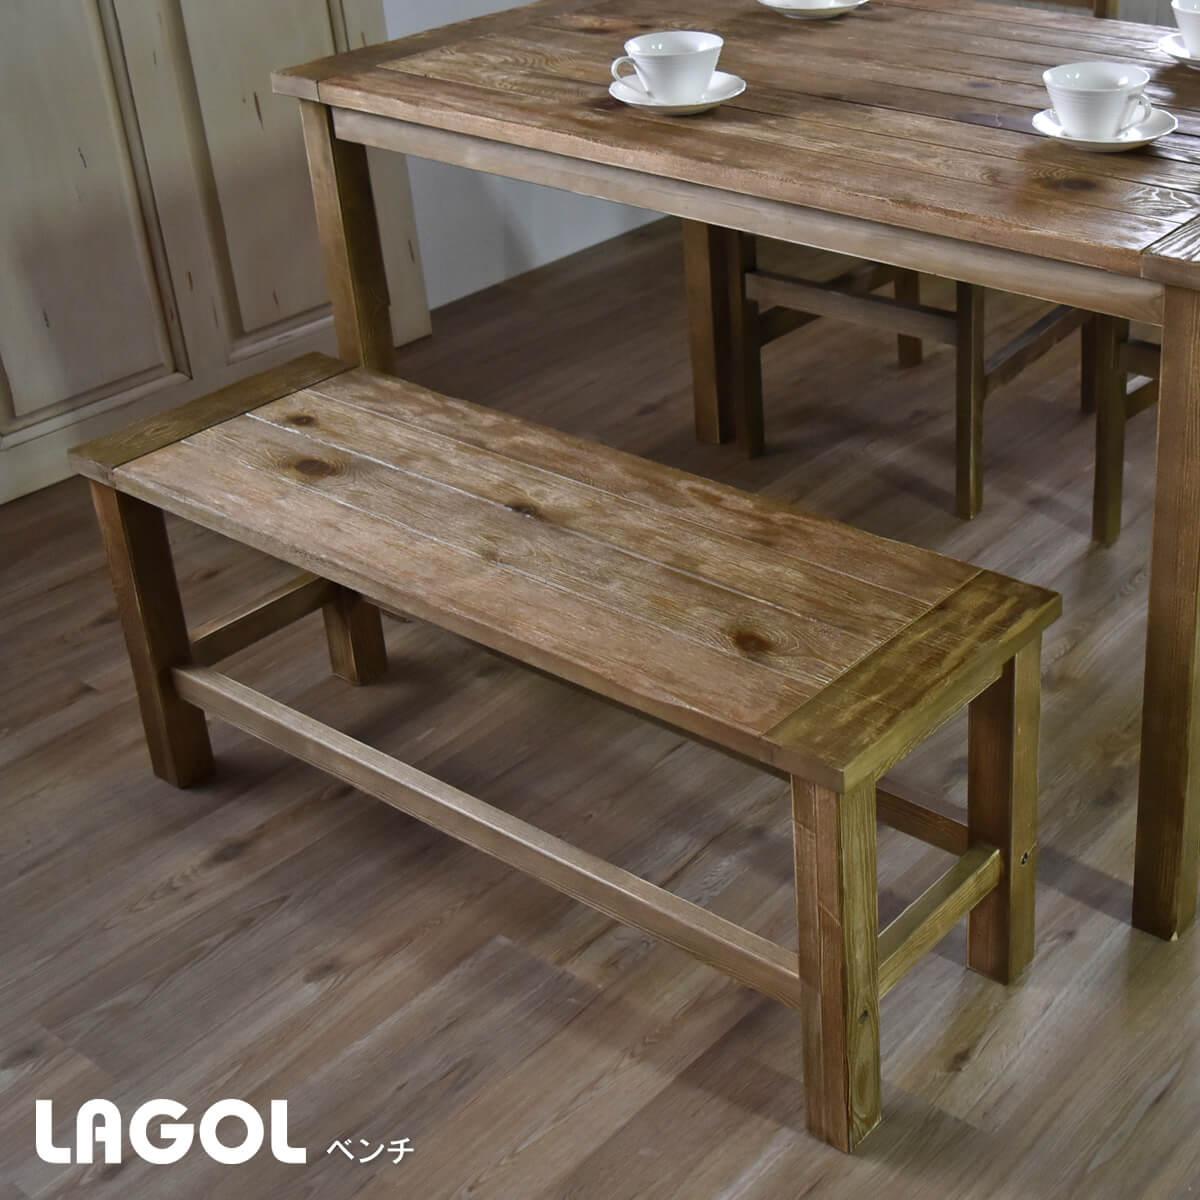 【送料無料】 LAGOL ベンチ カフェ 天然木 アンティーク 古材 木製 おしゃれ デザイン LABN-103